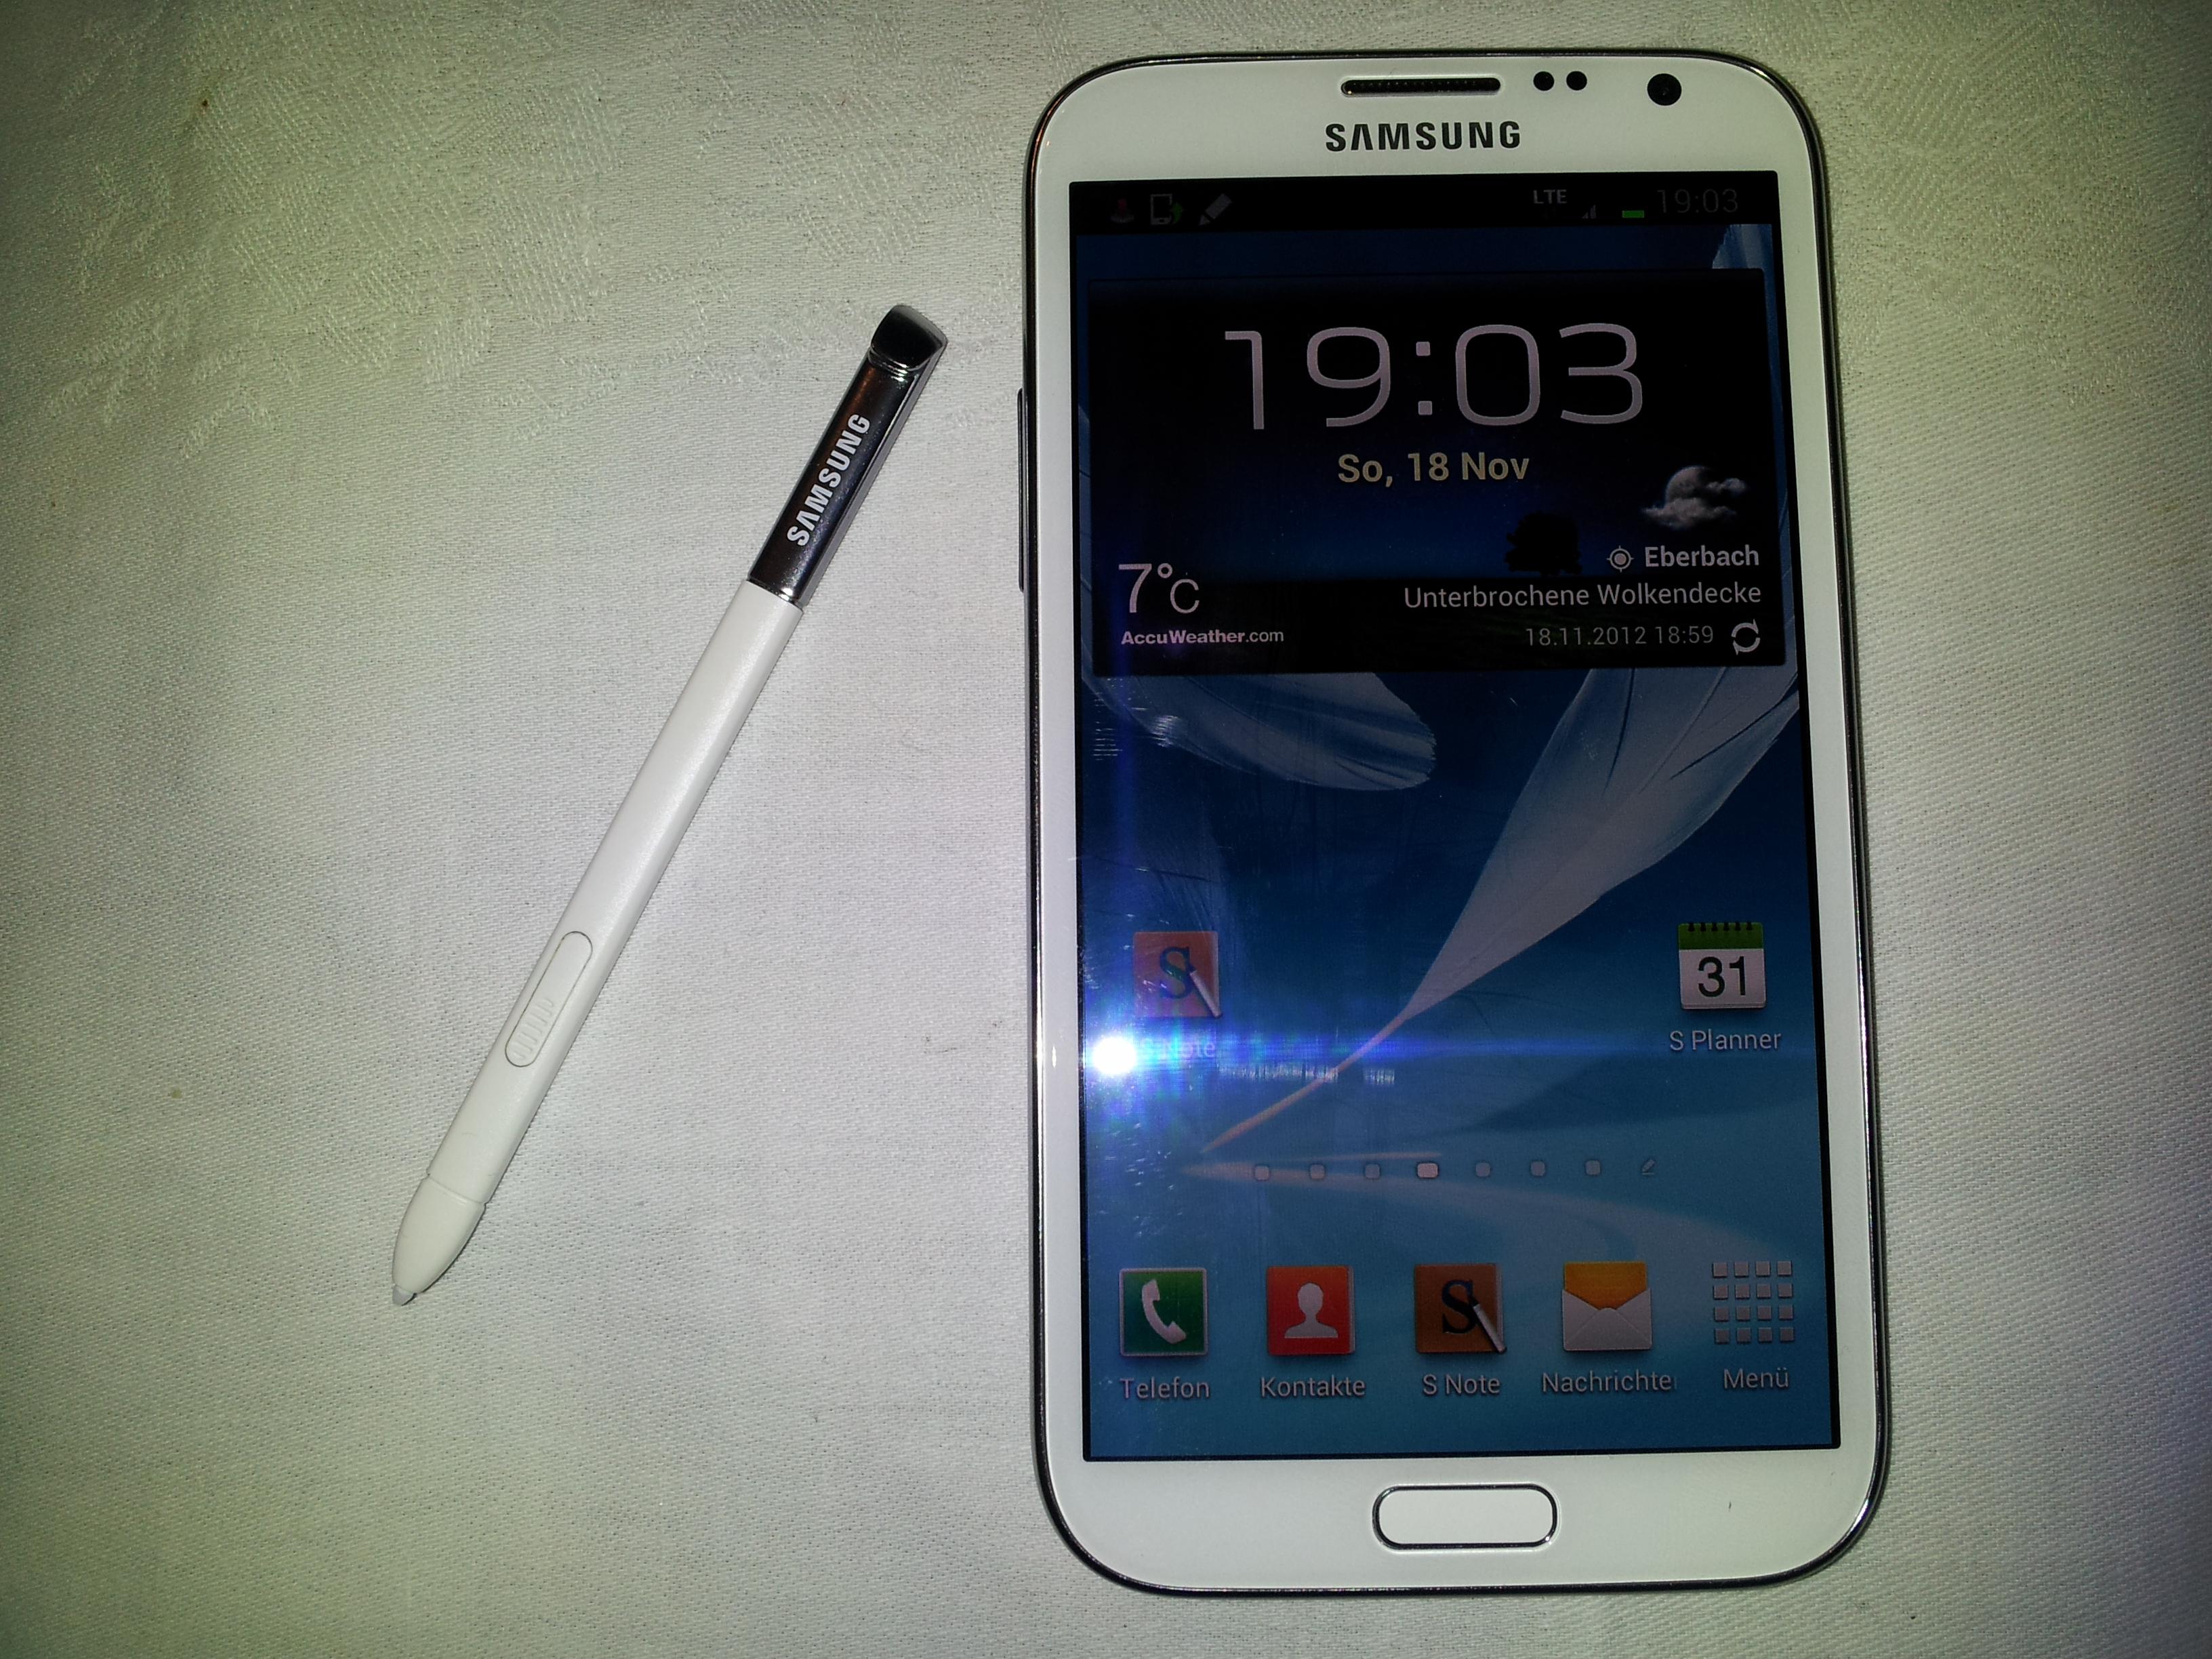 Samsung_Galaxy_note_2_LTE_3